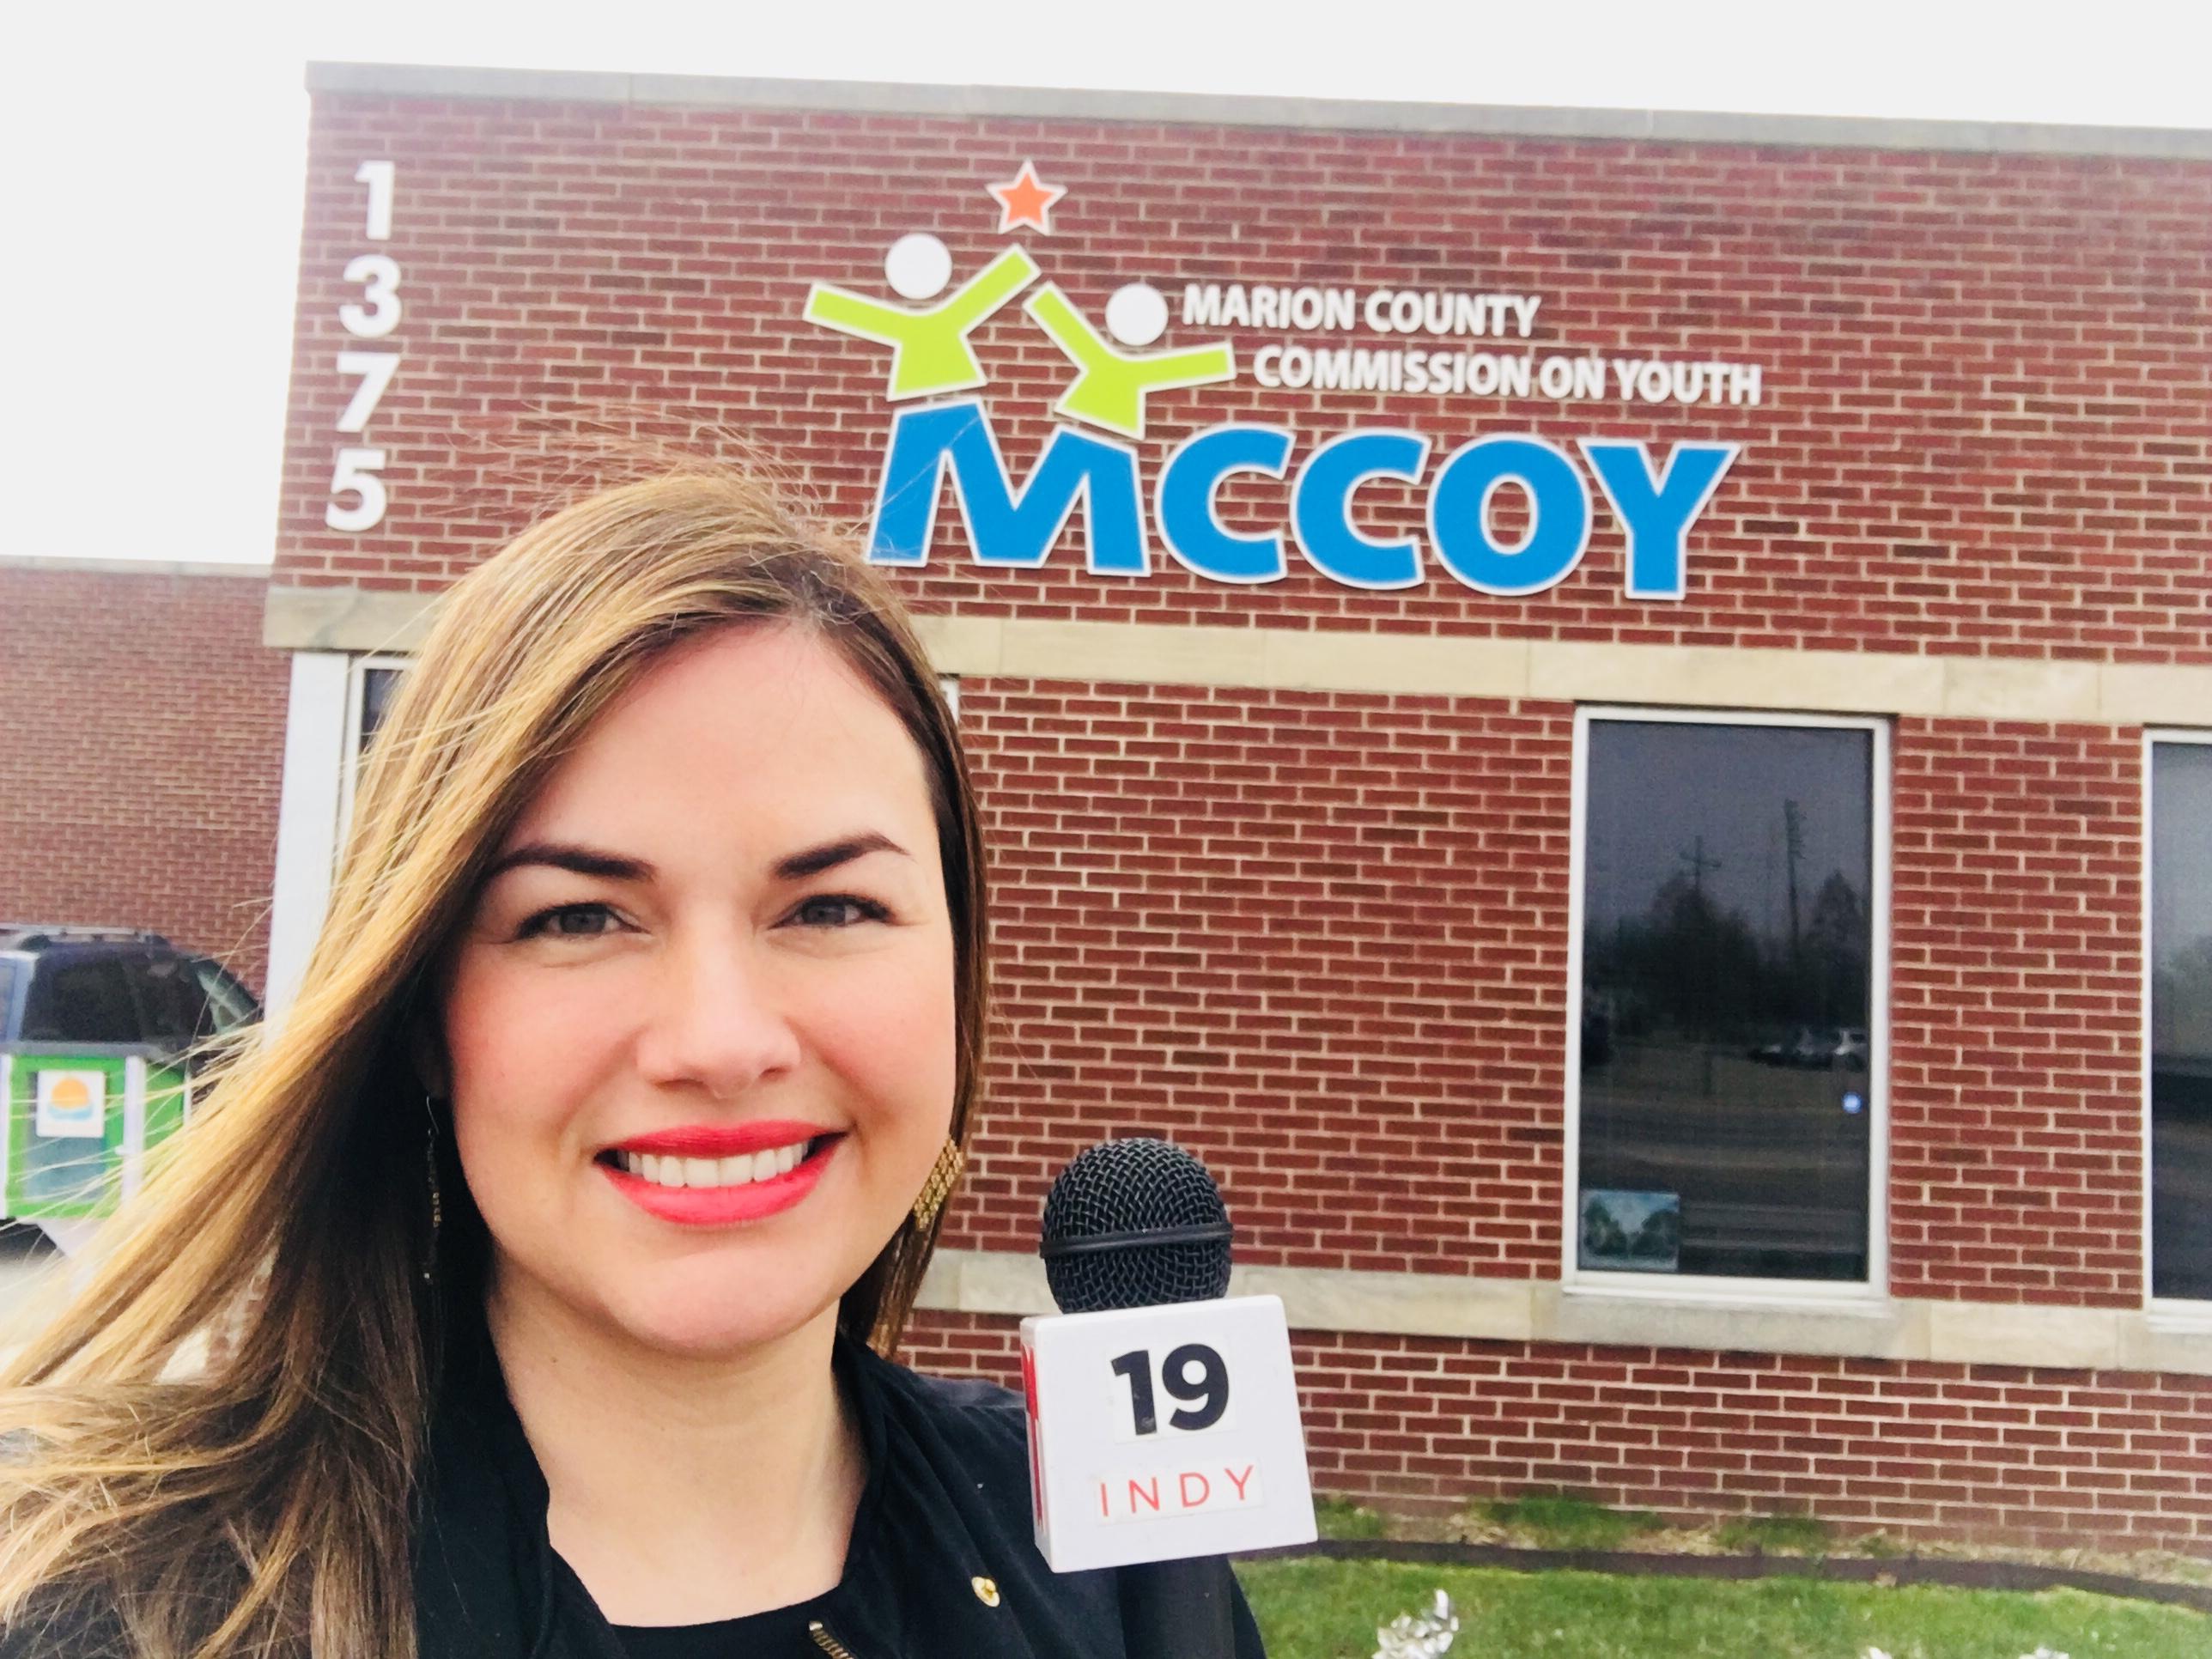 Explorando Indy @ M.C.C.O.Y